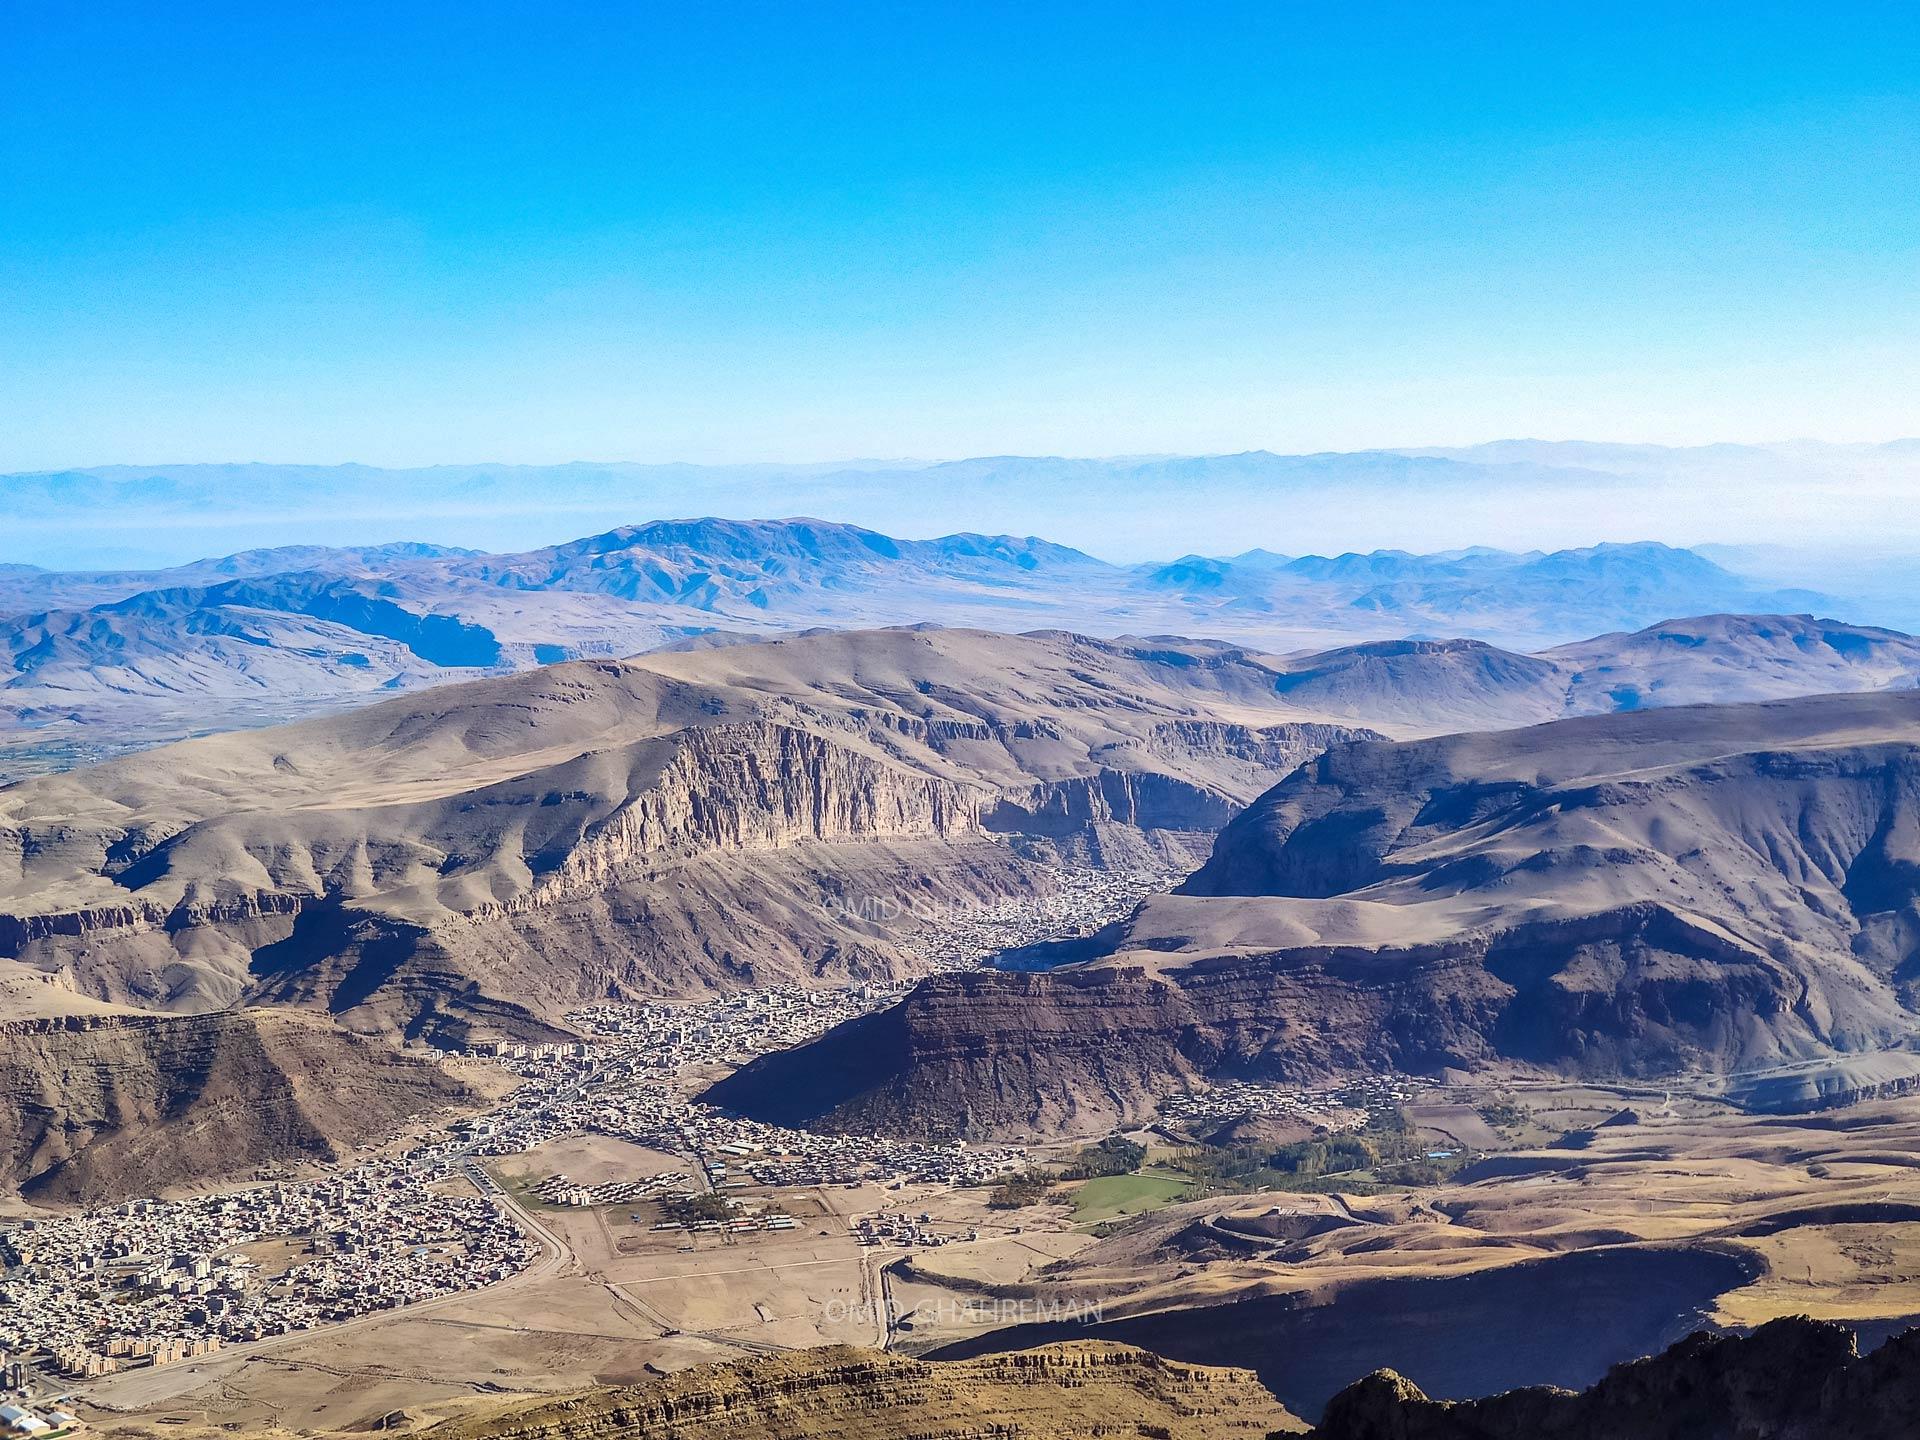 ماکو و کوهستان های اطراف